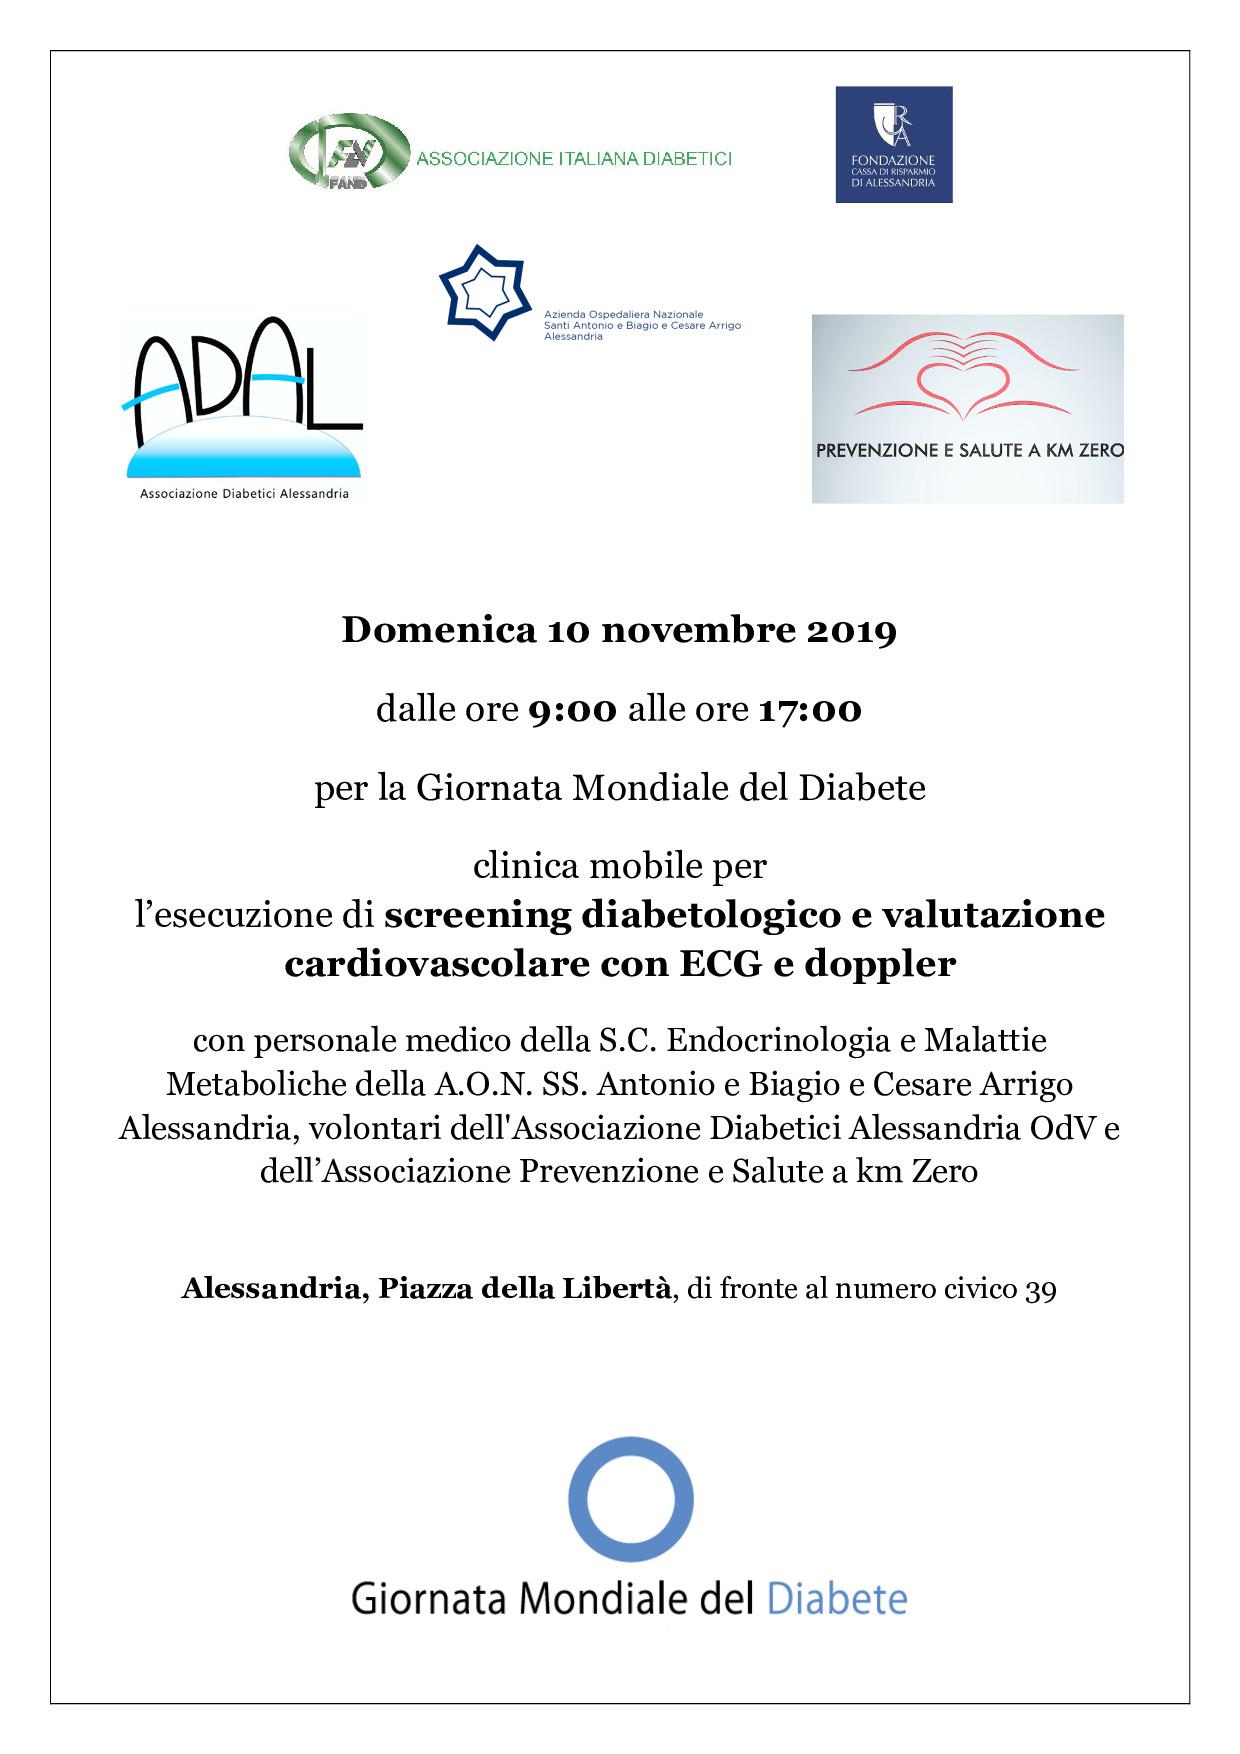 Screening diabetologico e valutazione cardiovascolare – Alessandria